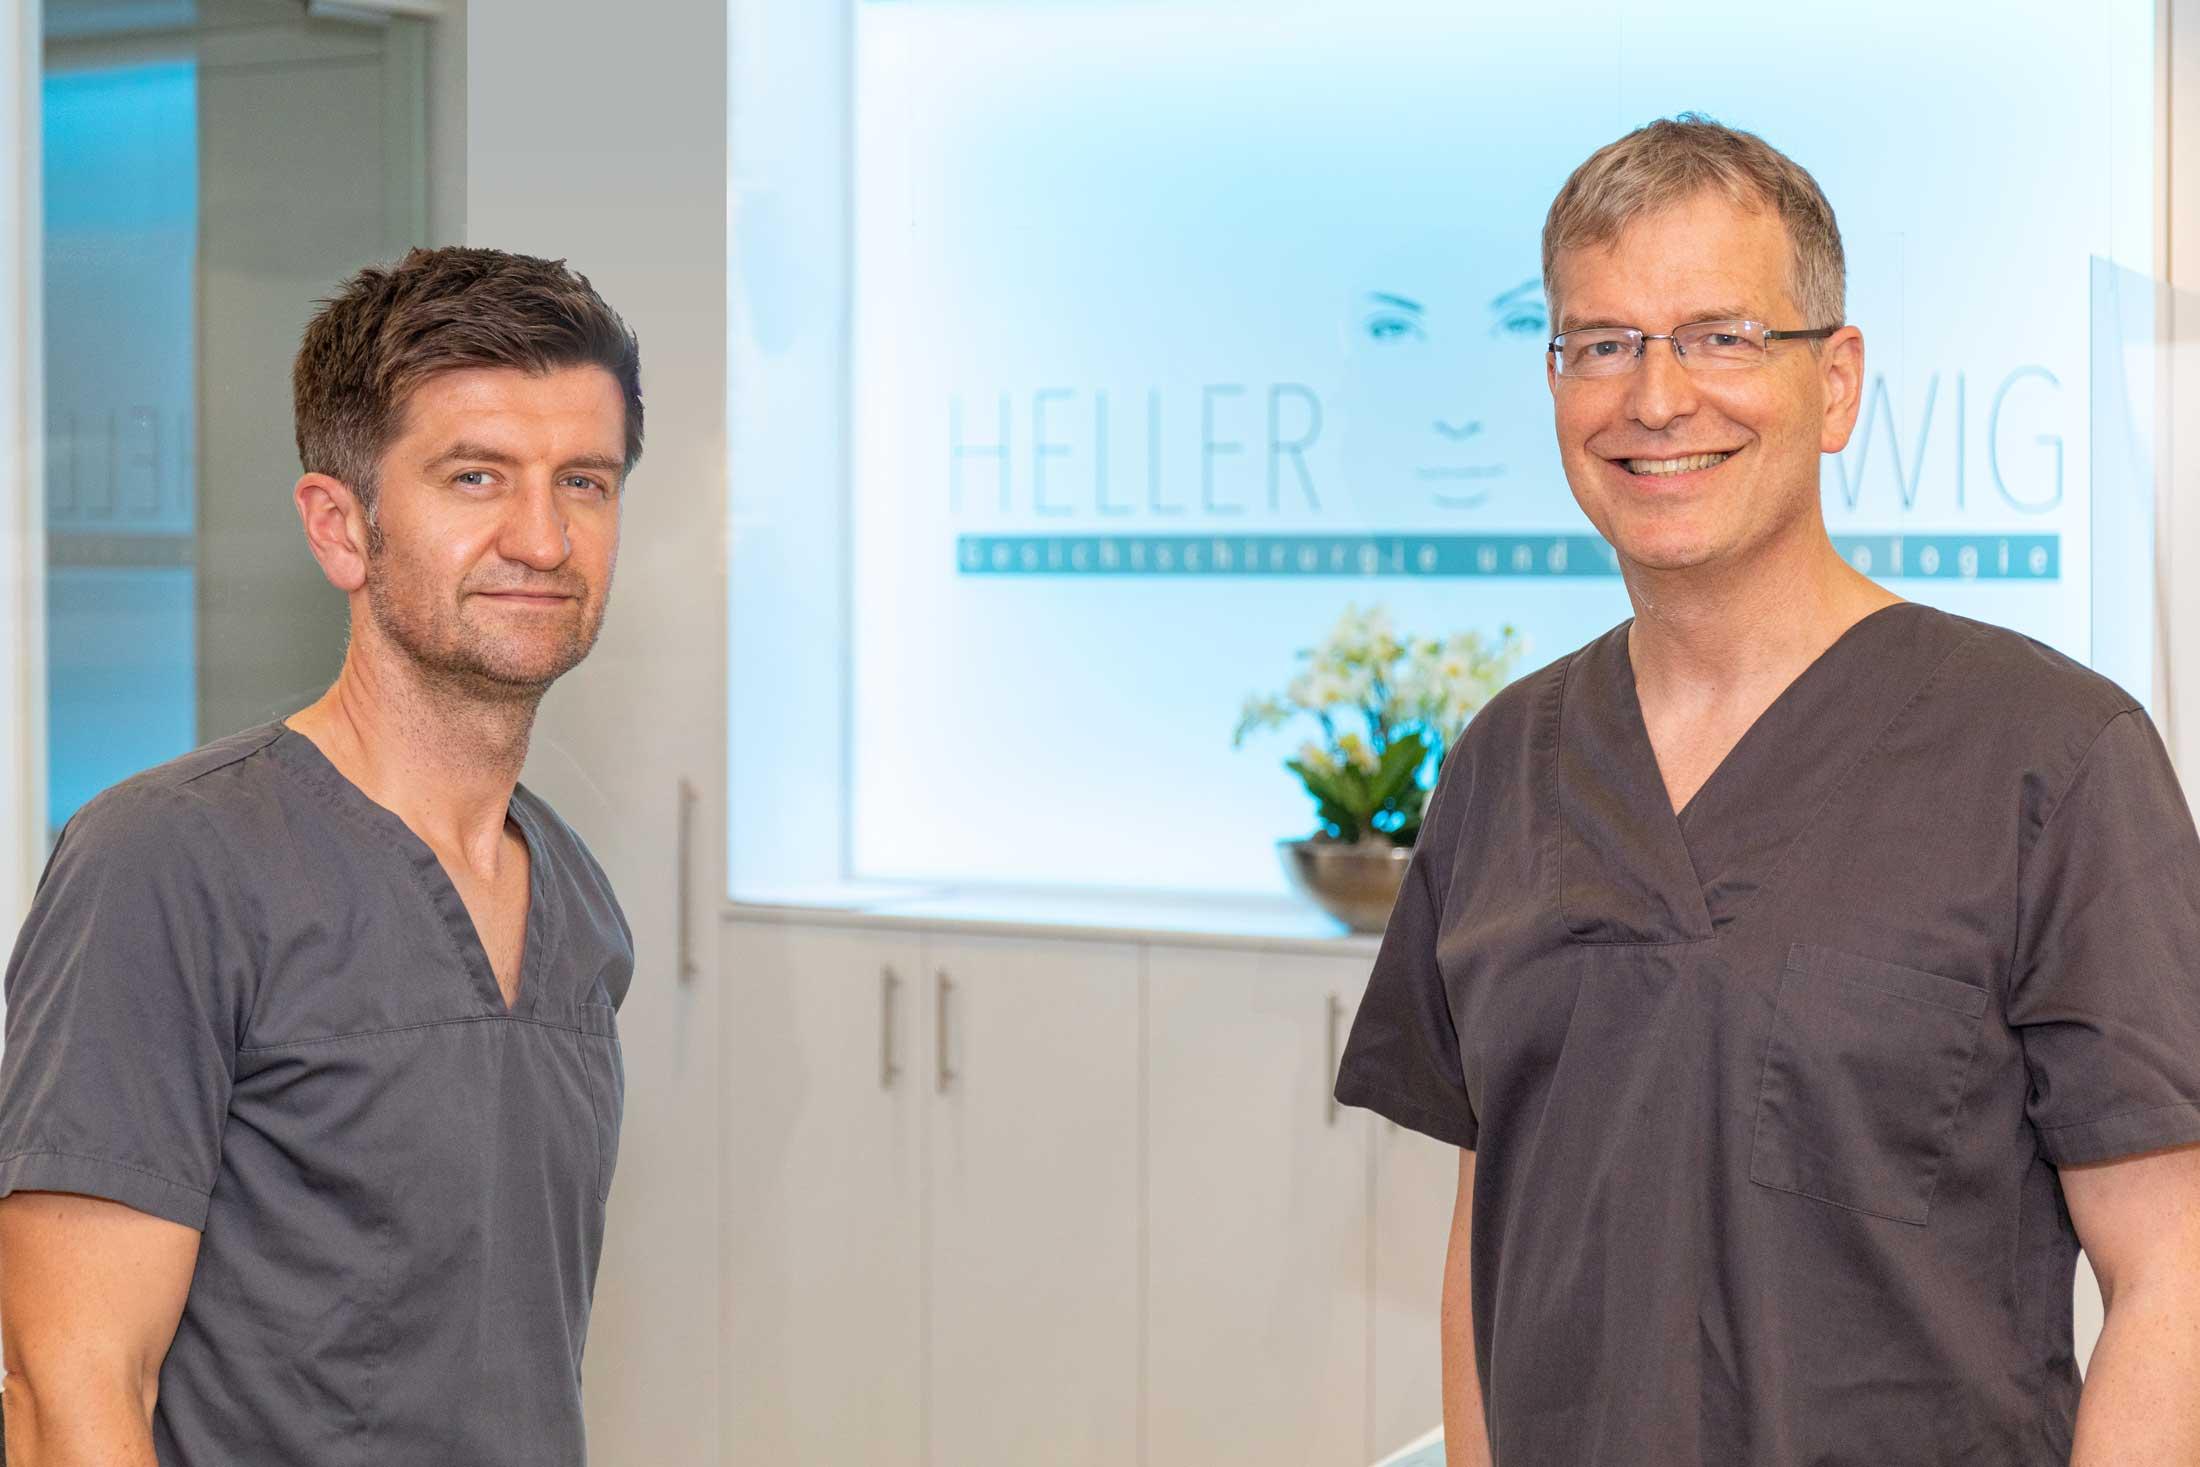 MKG Chirurgie Krefeld